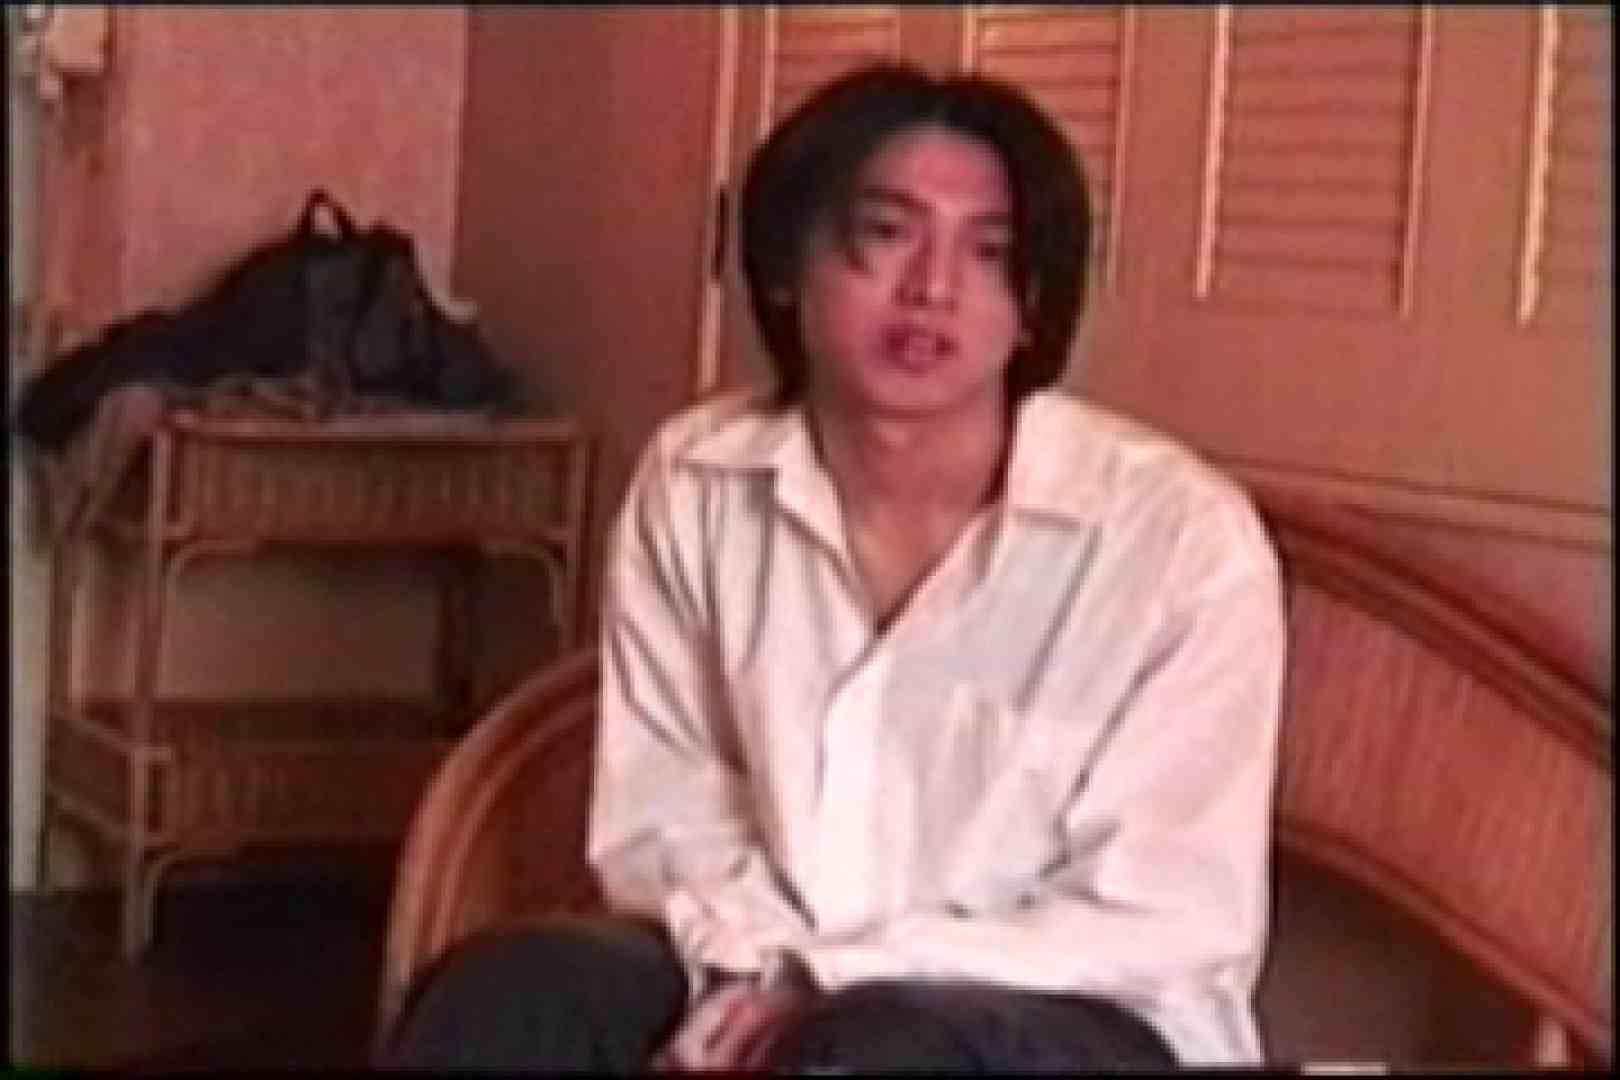 美少年 敏感チンコ達! ! パート5 美少年 ゲイエロビデオ画像 95pic 29